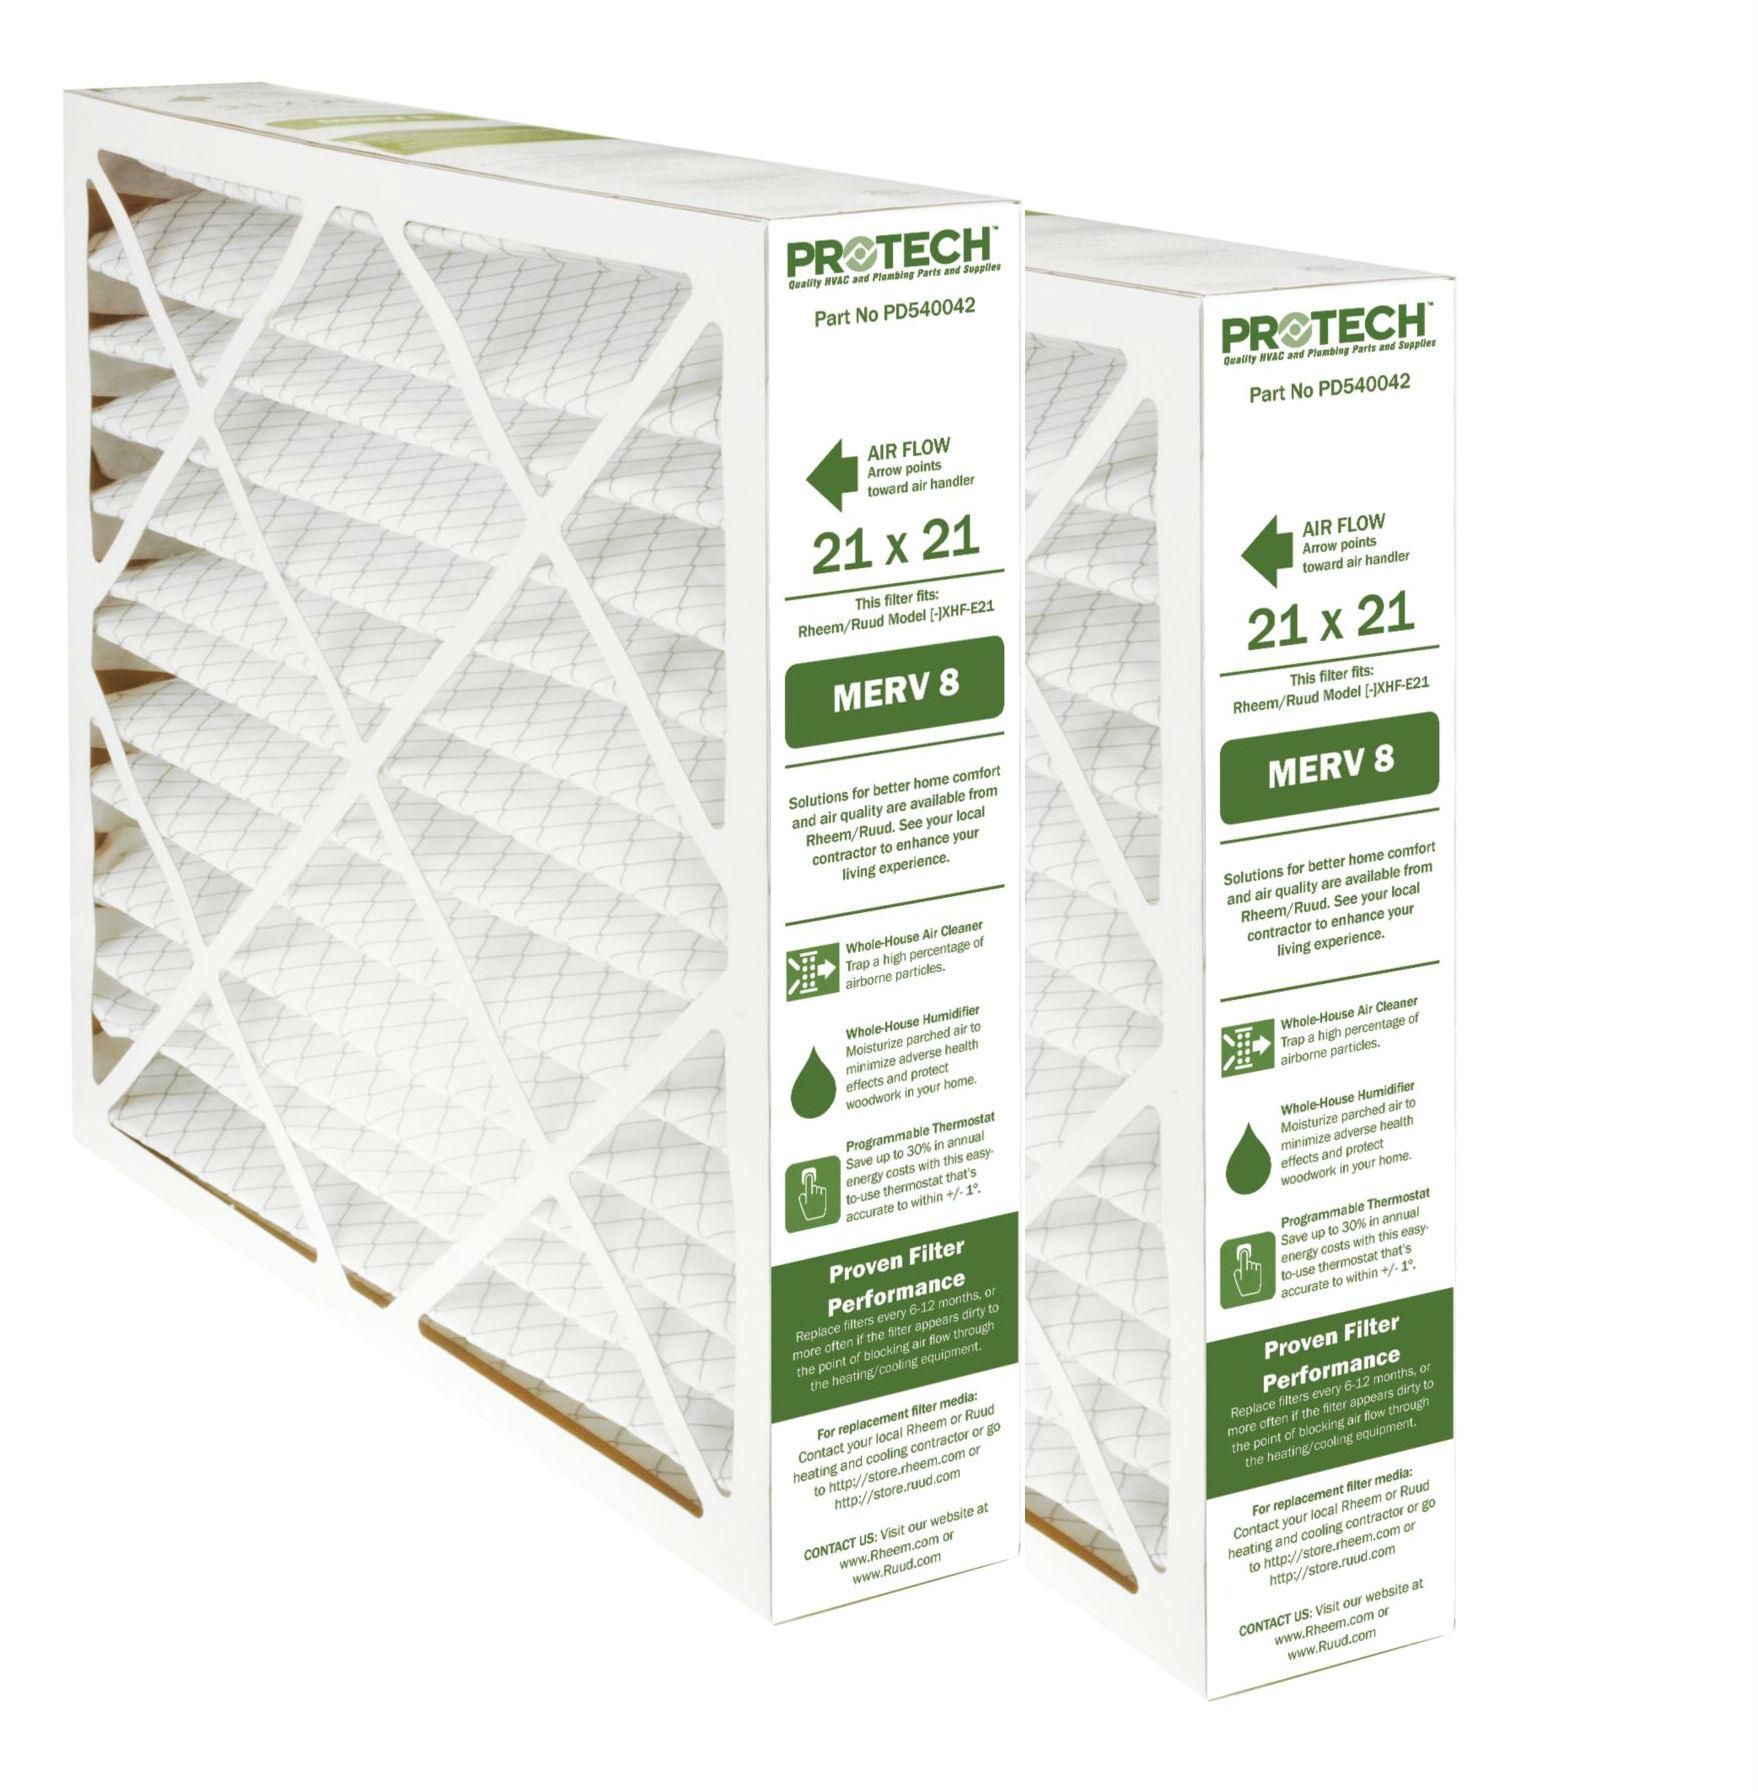 Rheem-Ruud Filters